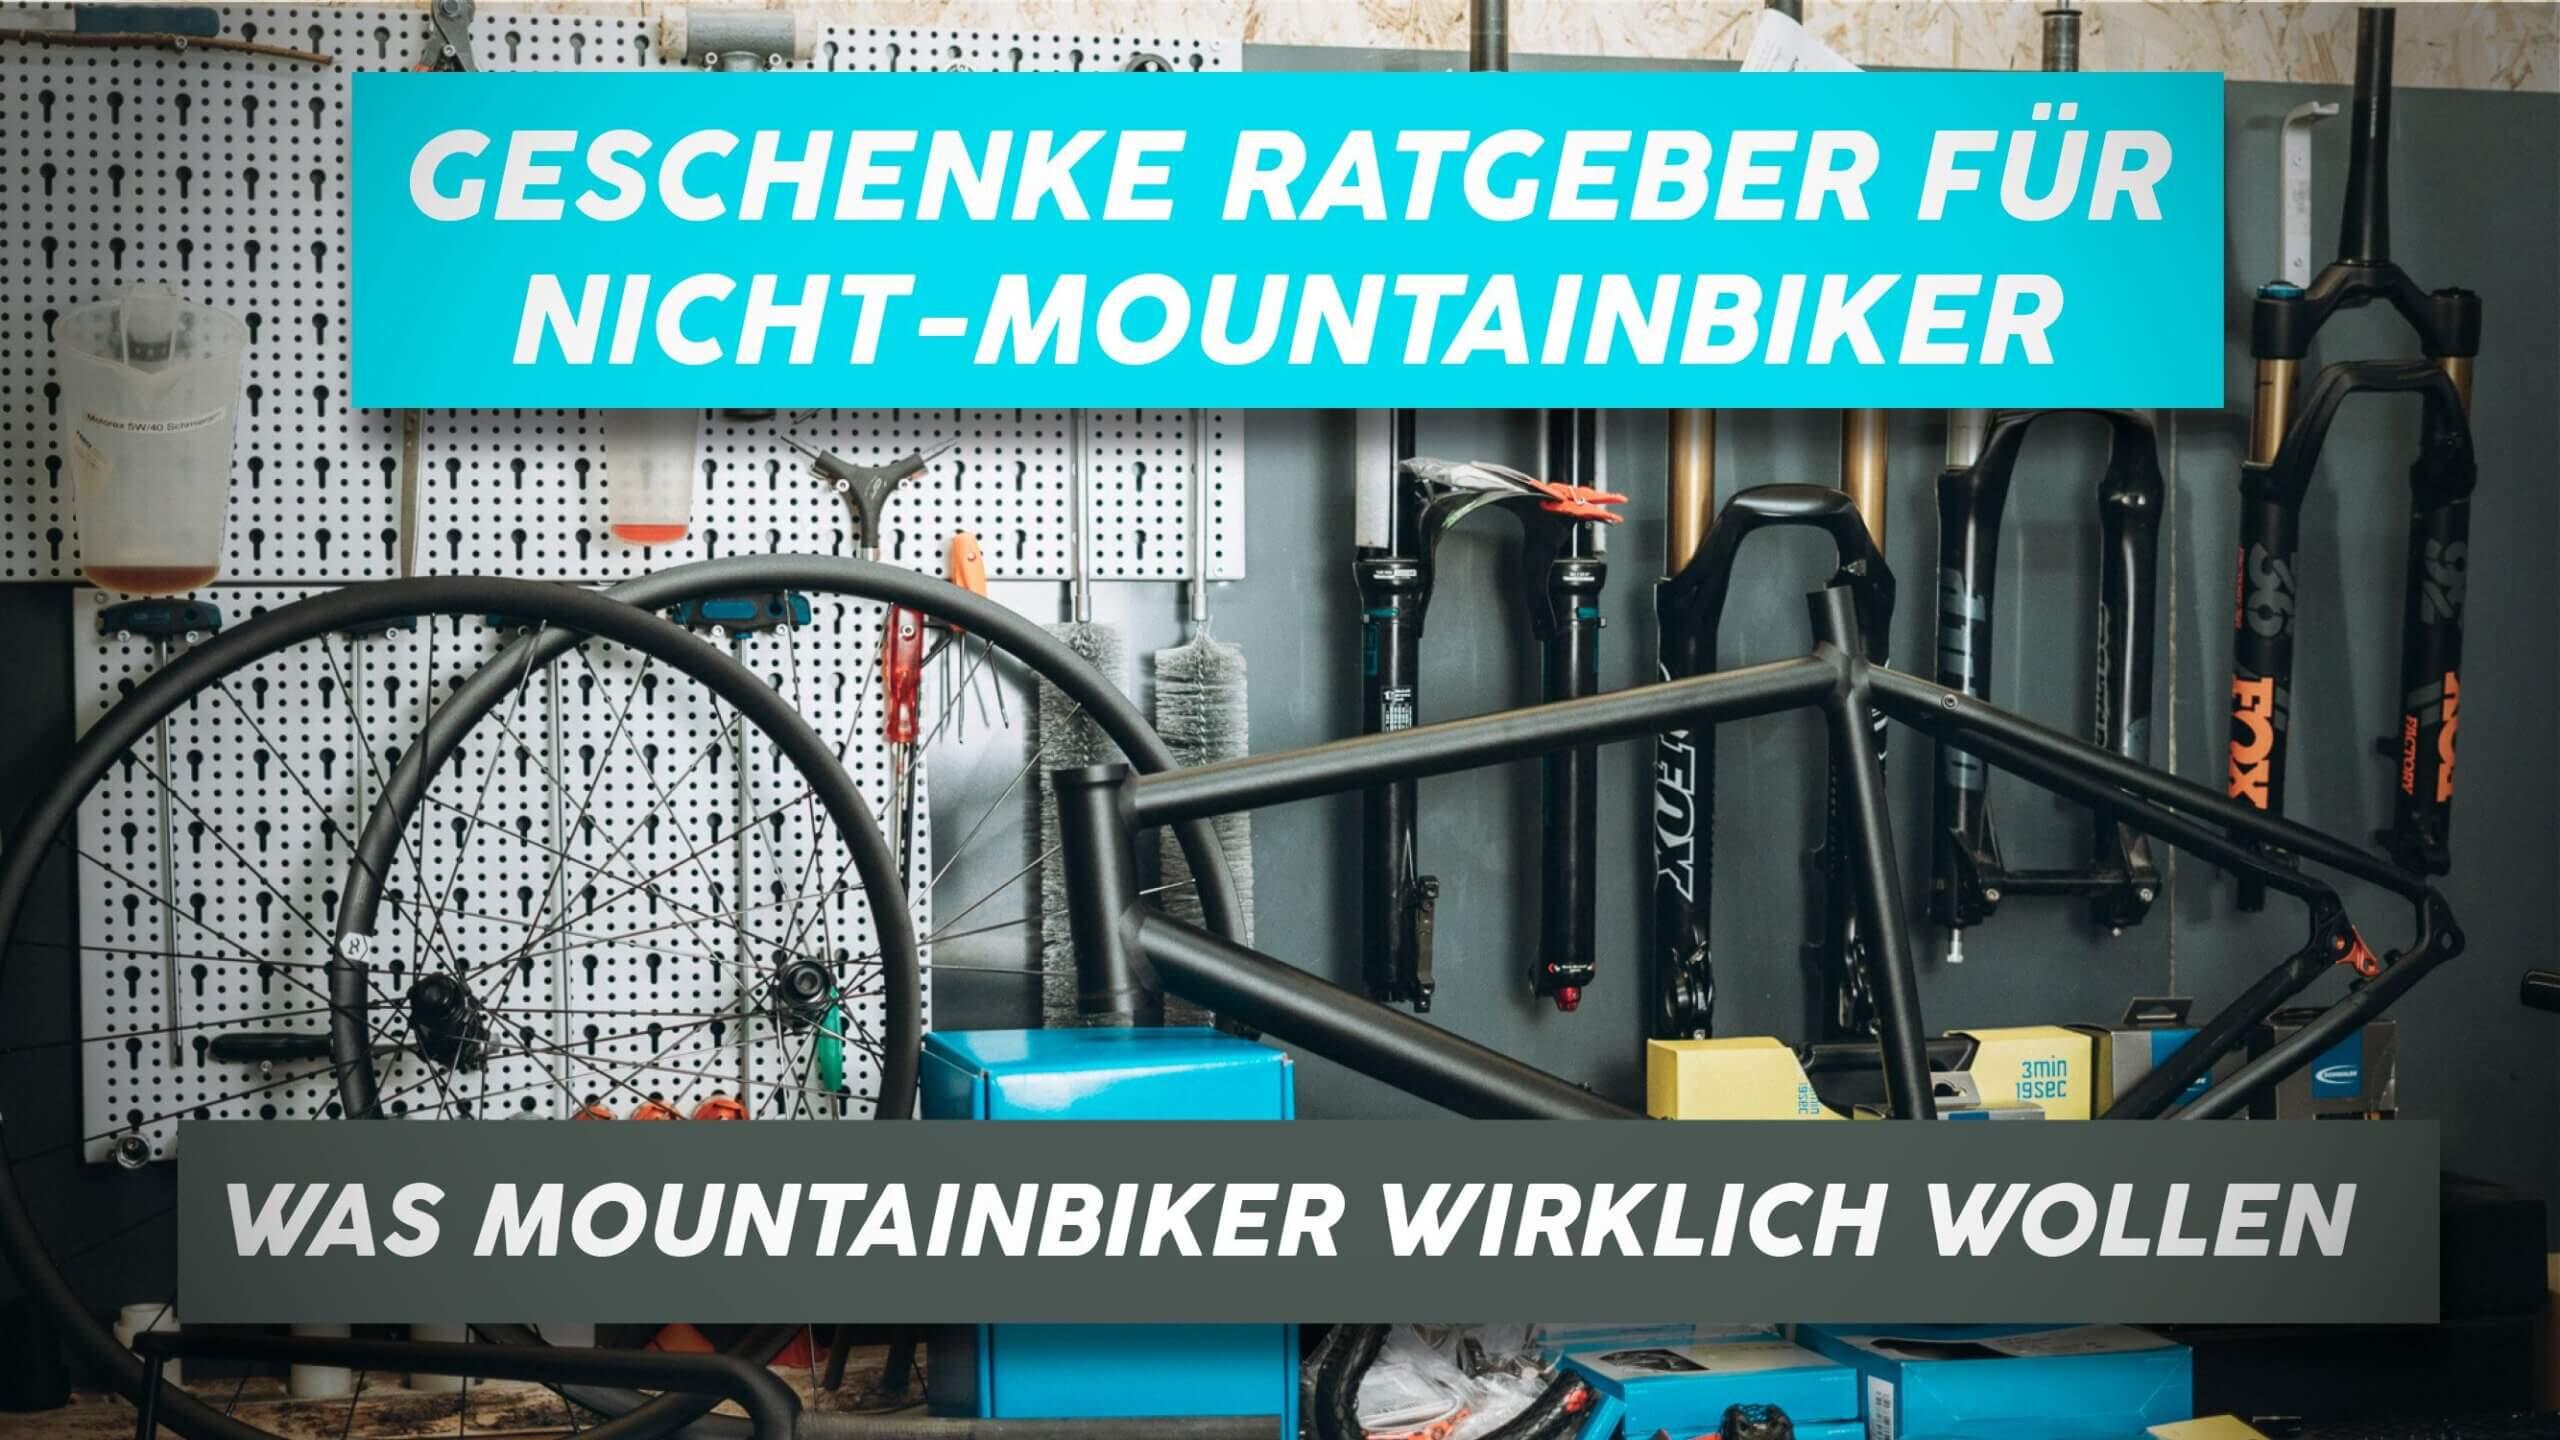 Geschenke Ratgeber fuer nicht Mountainbiker Rock my Trail Bikeschule Titelbild scaled 1 - Rock my Trail Bikeschule